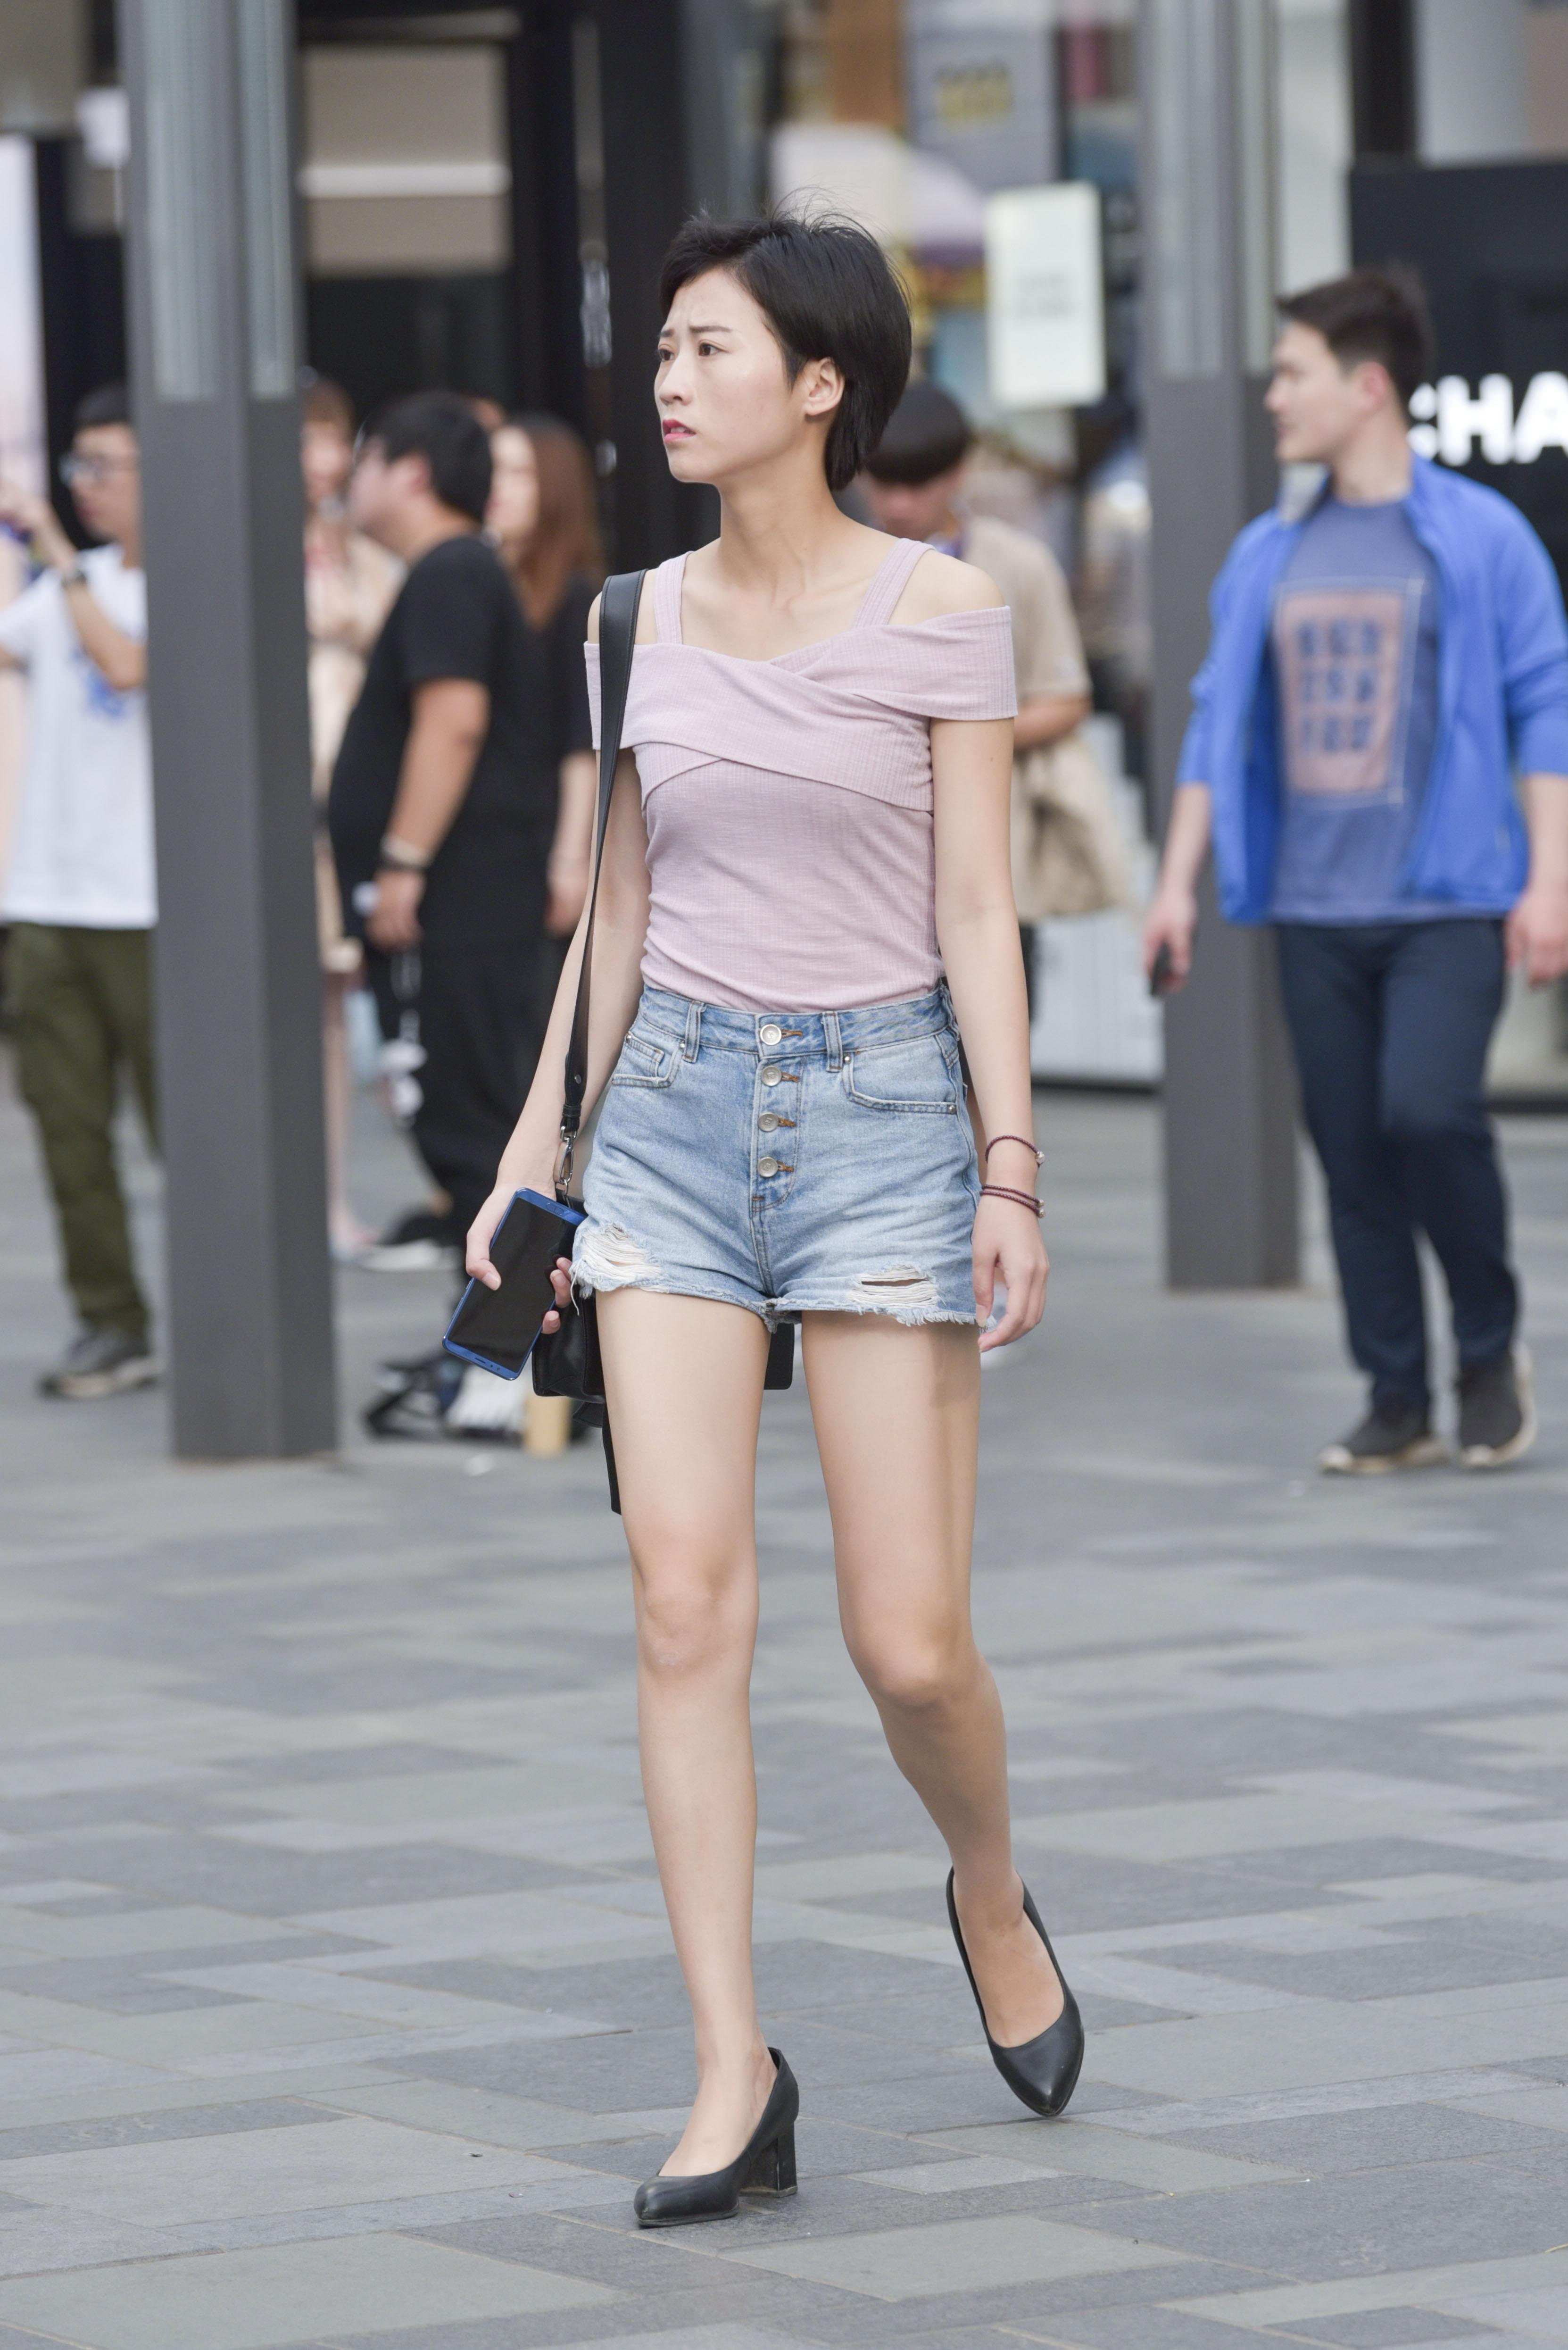 街拍短发气质小姐姐,热裤美腿秀出来 - 街拍客 - 街拍